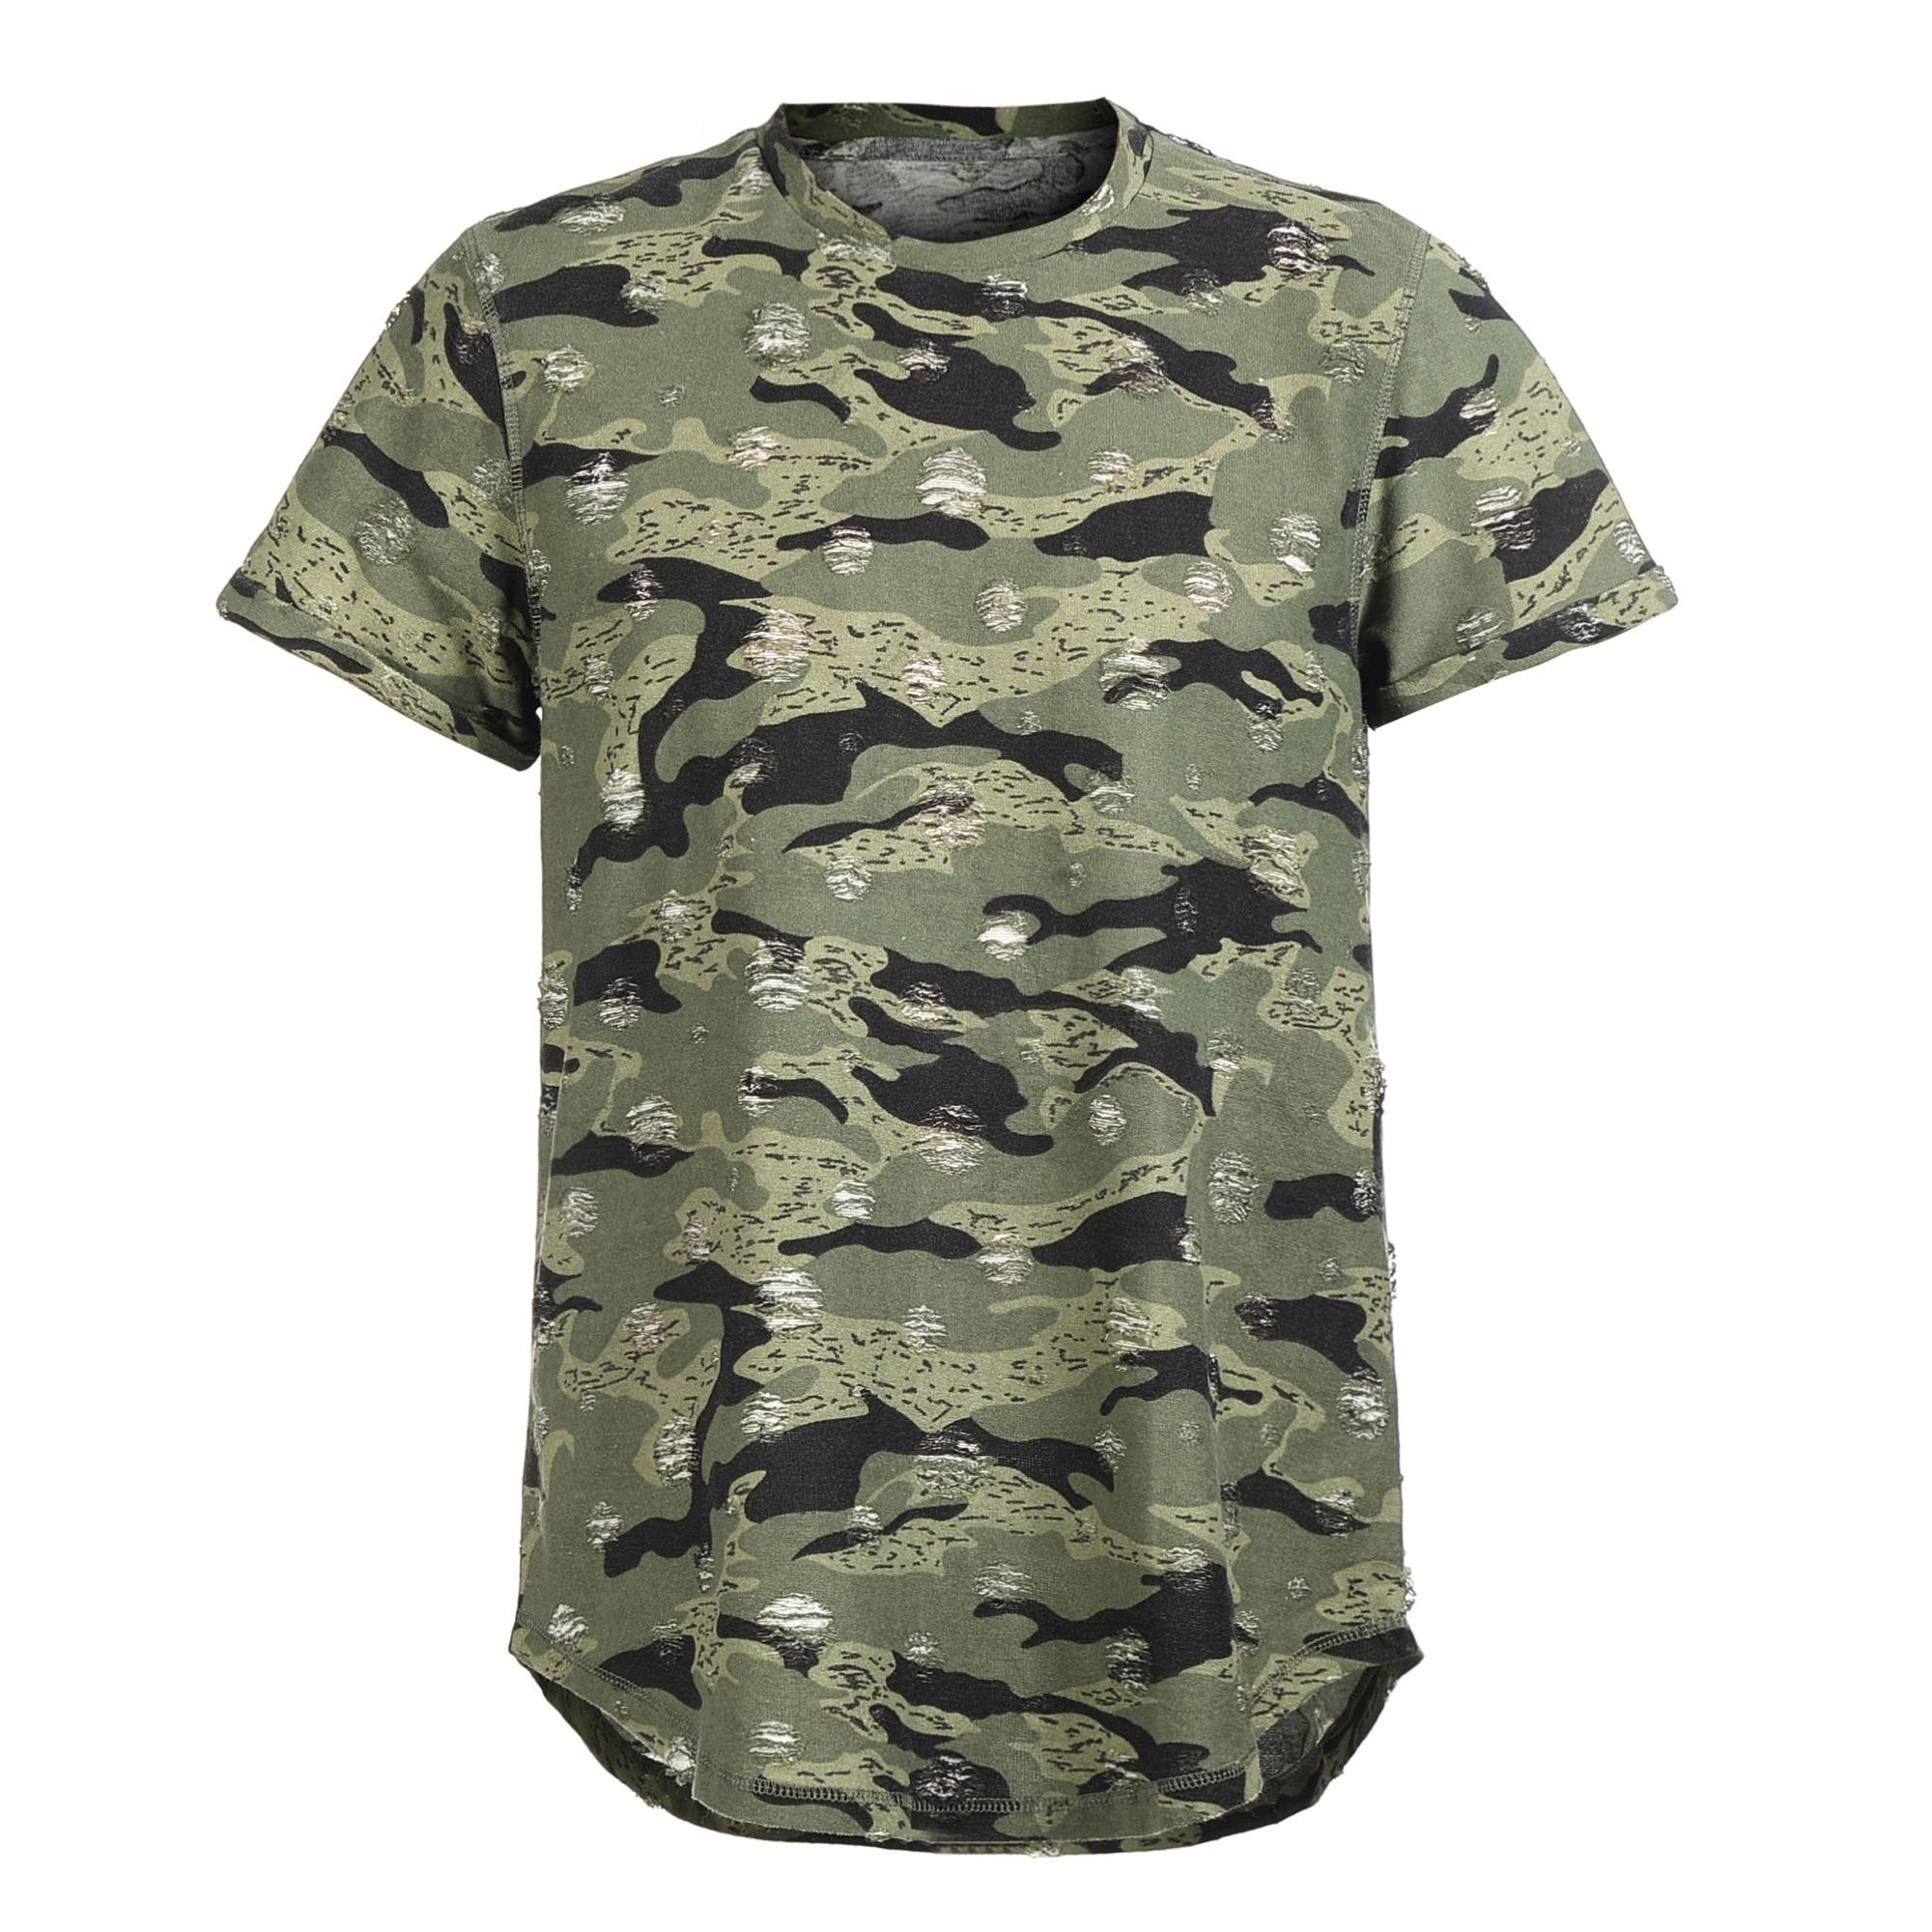 2019 Beste Qualität Mit Besten Preis Baumwolle T-shirt Männer Mode T-shirts Fitness Beiläufige Männliche T-shirt Tropf-Trocken